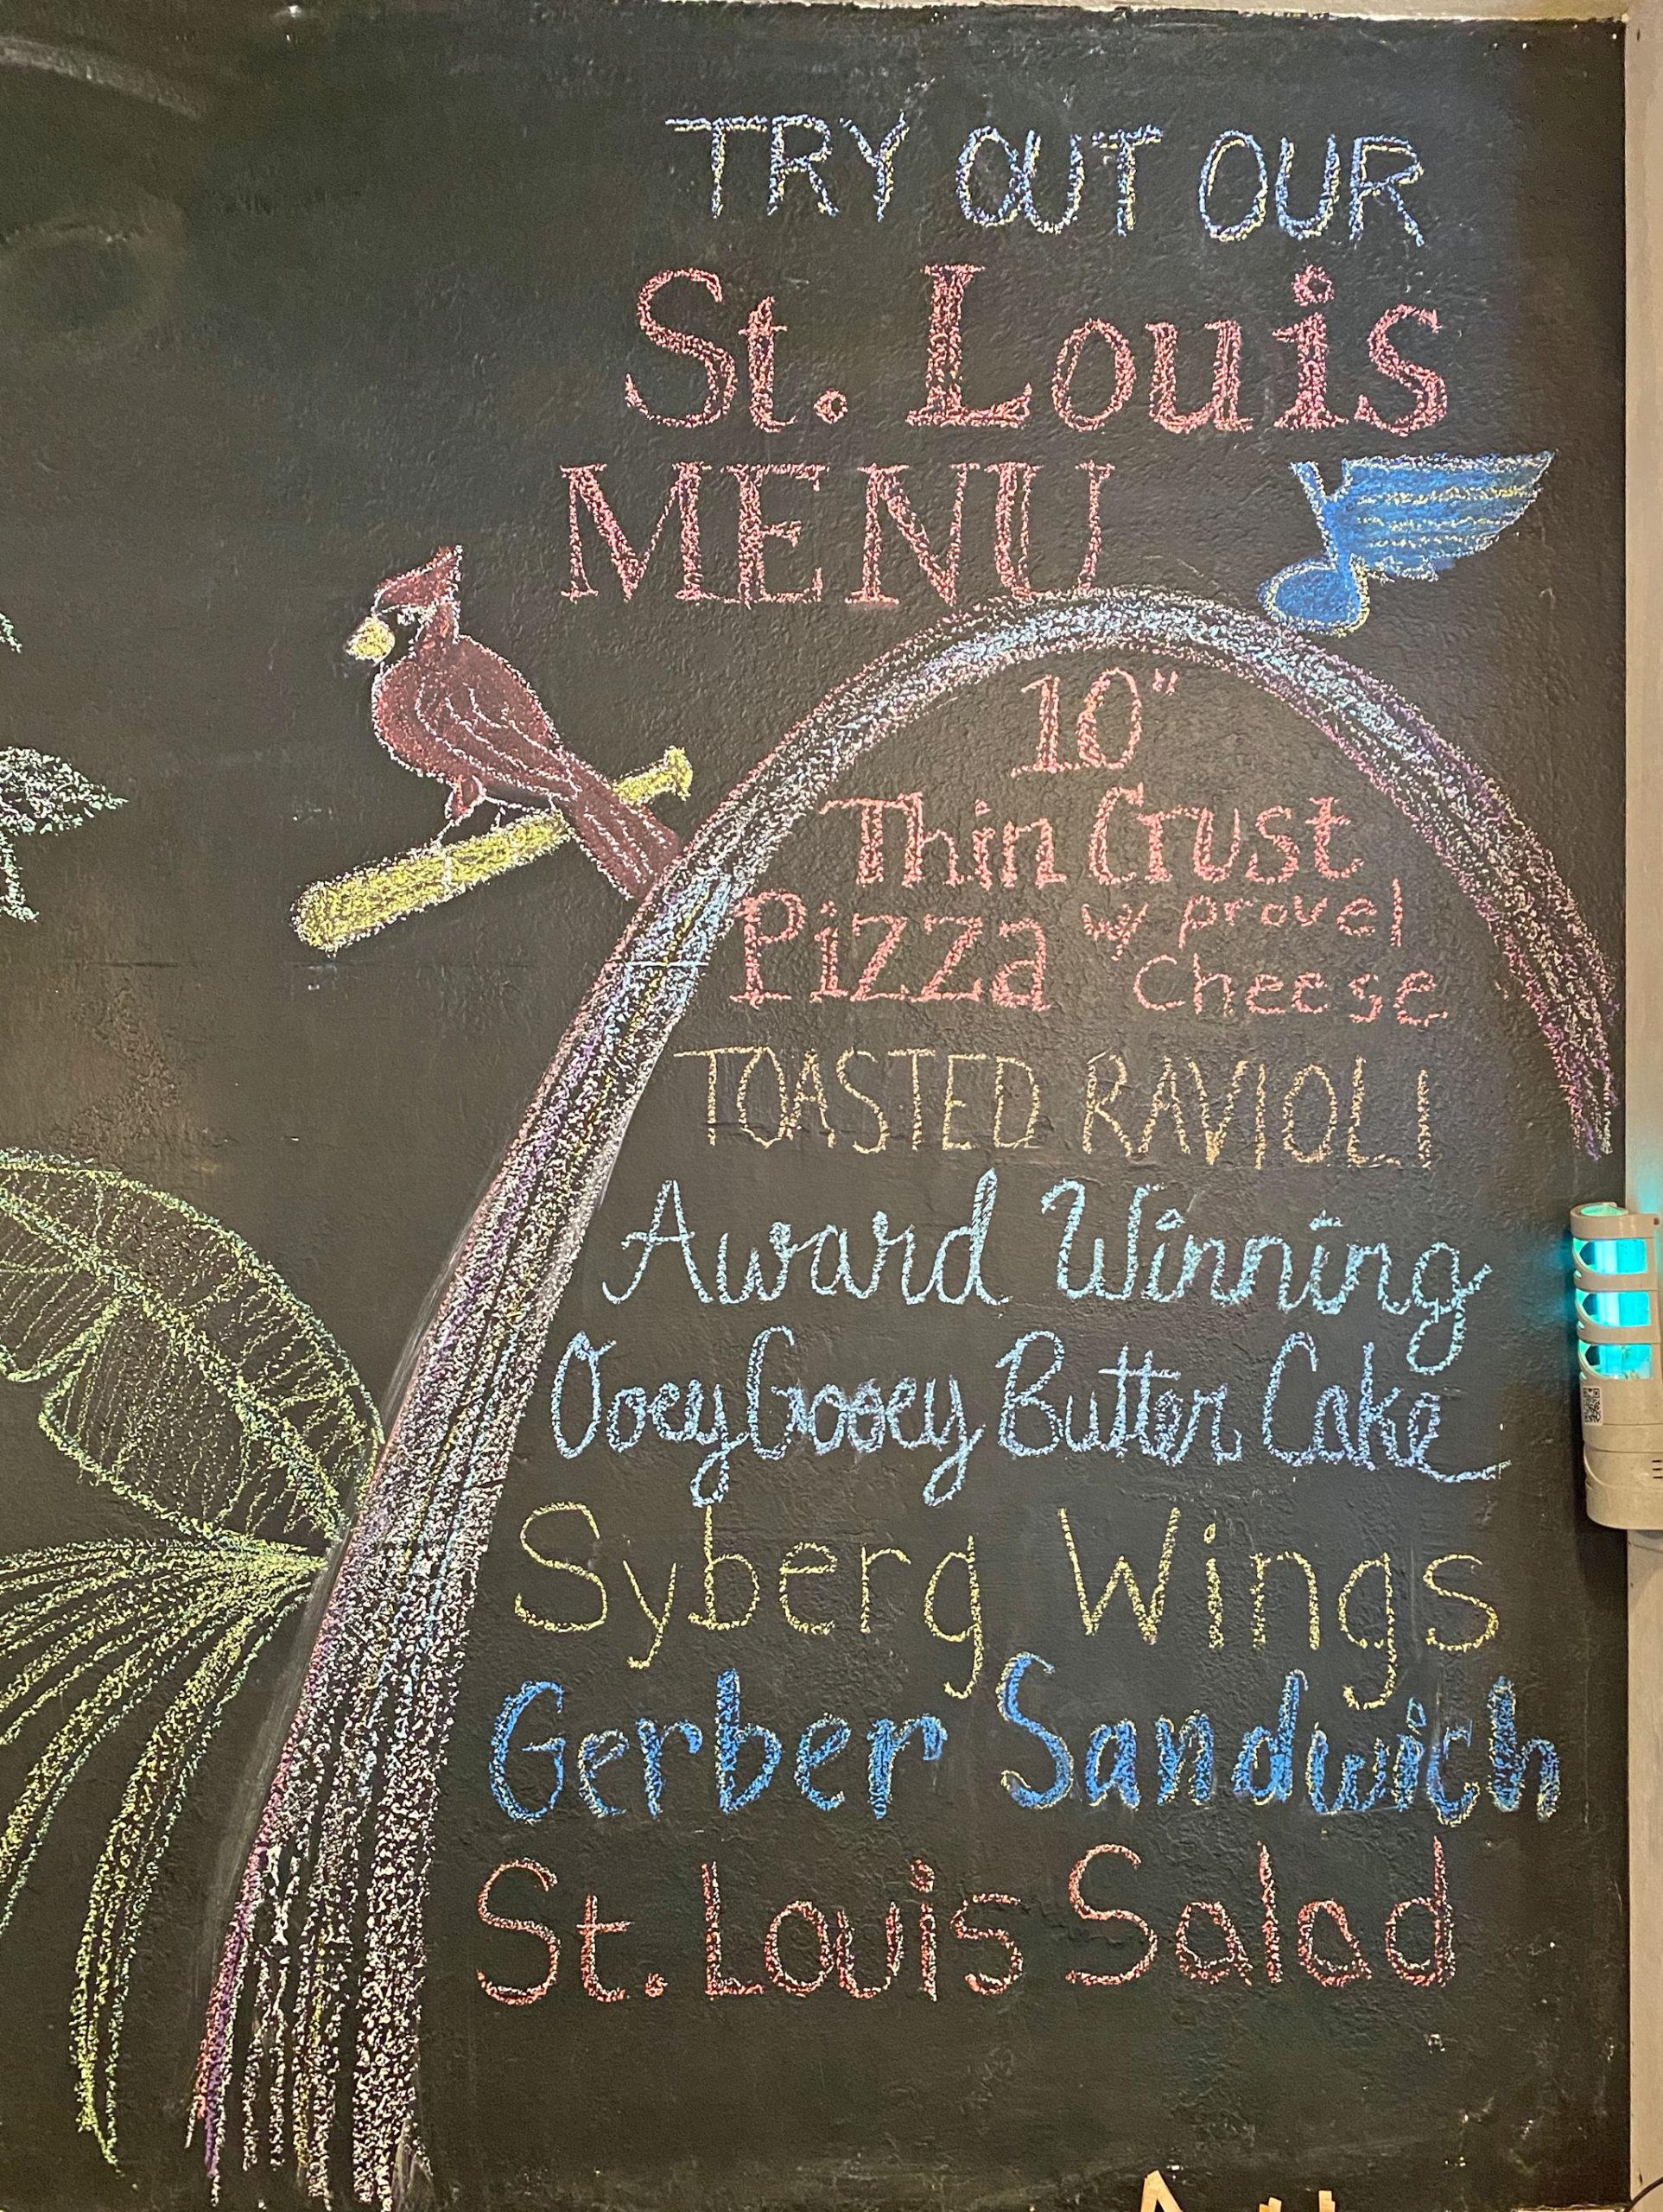 St. Louis Menu